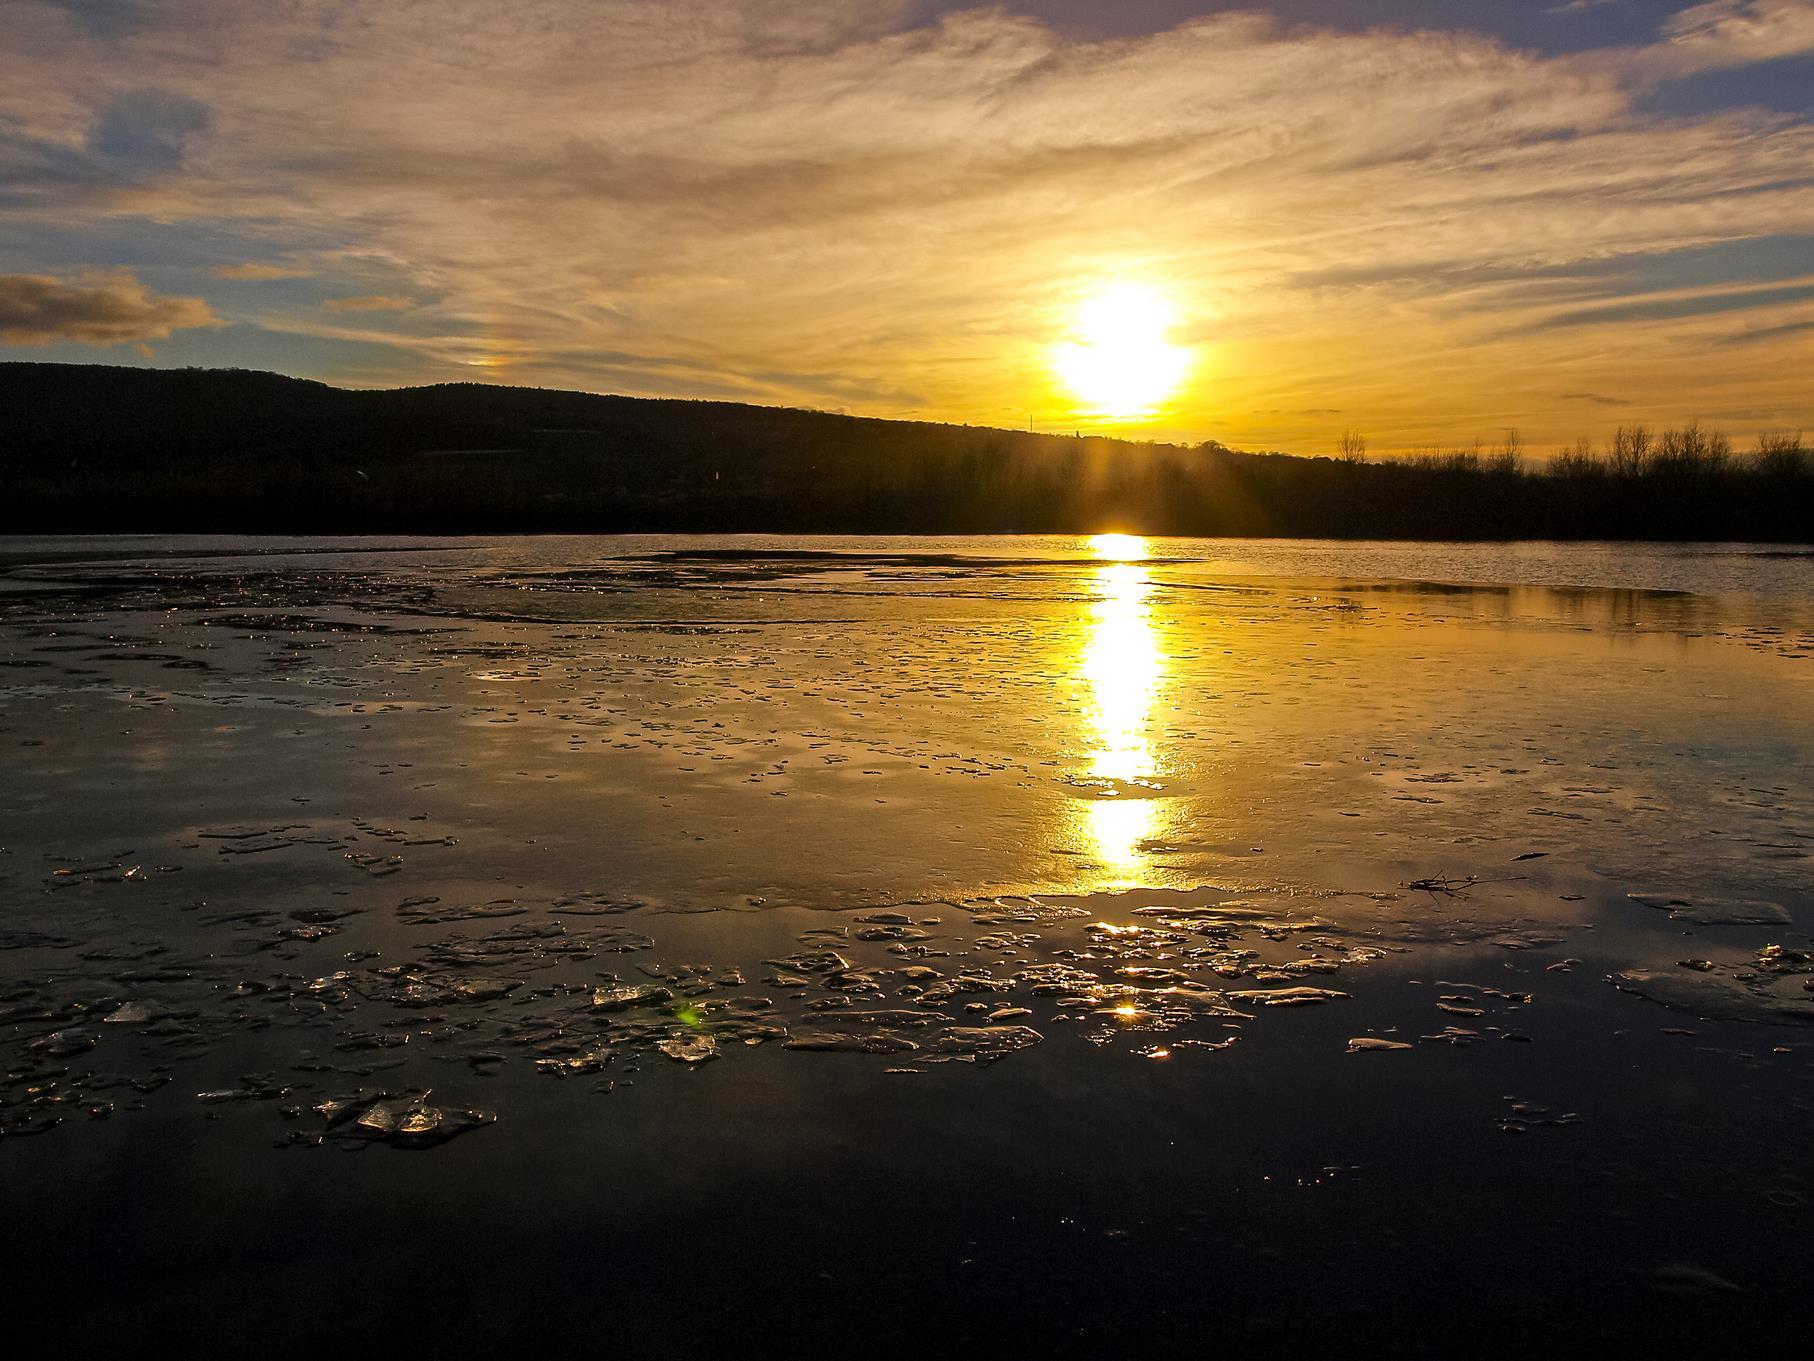 Eisiges Wasser im Sonnenuntergang.